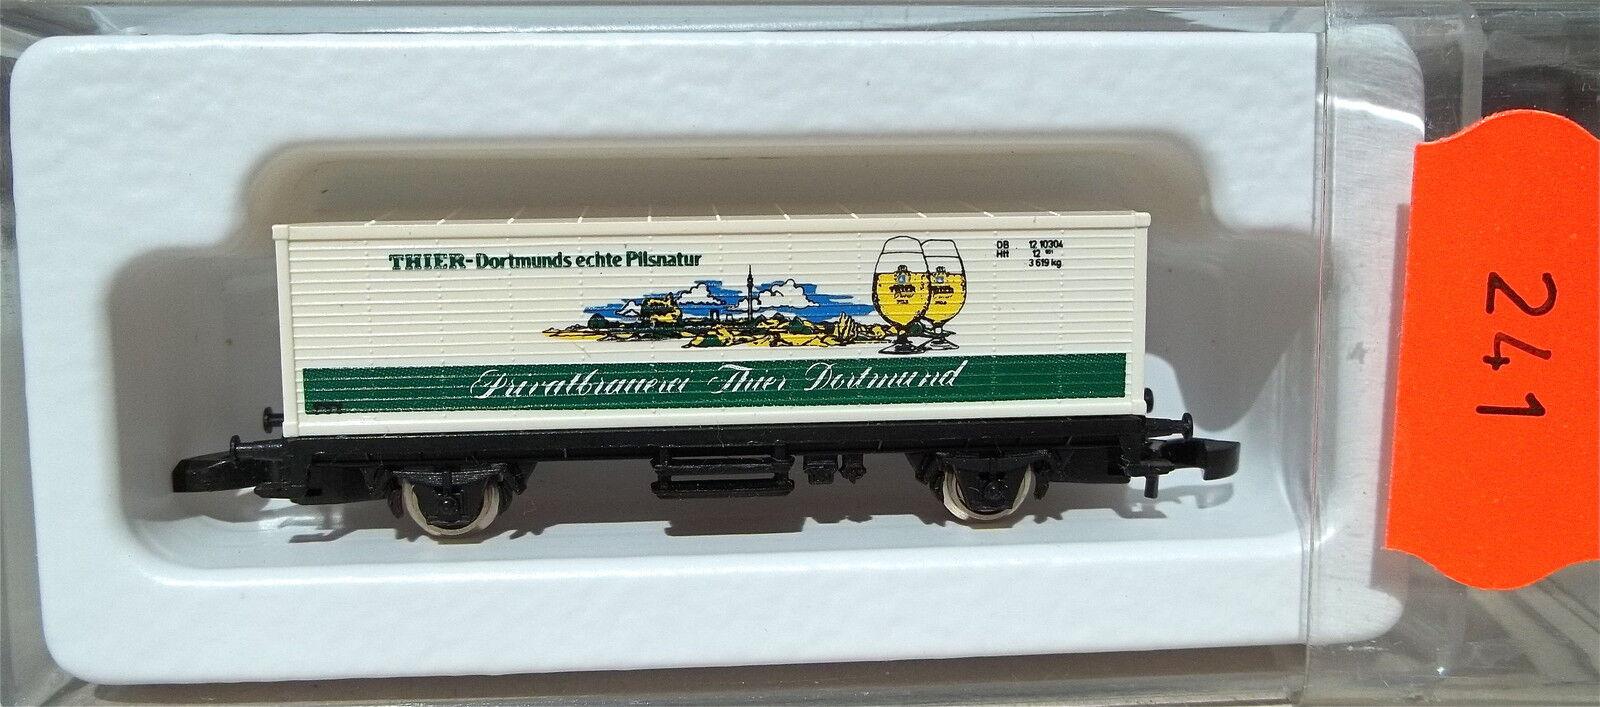 Thier Dortmund, Dortmund, Dortmund, Container Load Car Koll S 87001 Märklin 8615 Z 1 220 241 341fa9